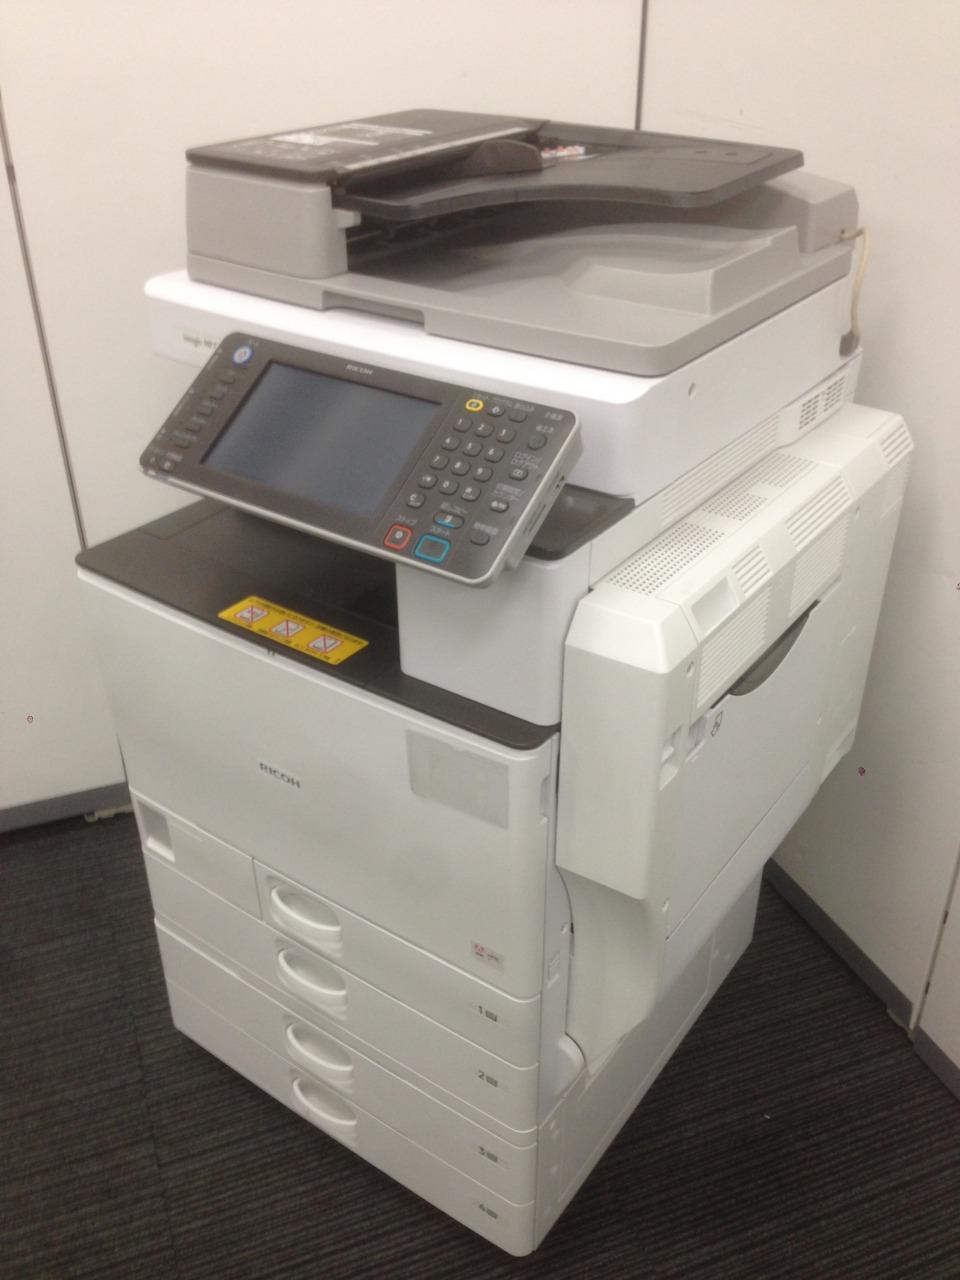 【おつとめ品】2012年発売のカラーコピー機、リコー(RICOH)のMPC2802、1台限定でカラー複合機がこの価格で!|imagio MP(中古)